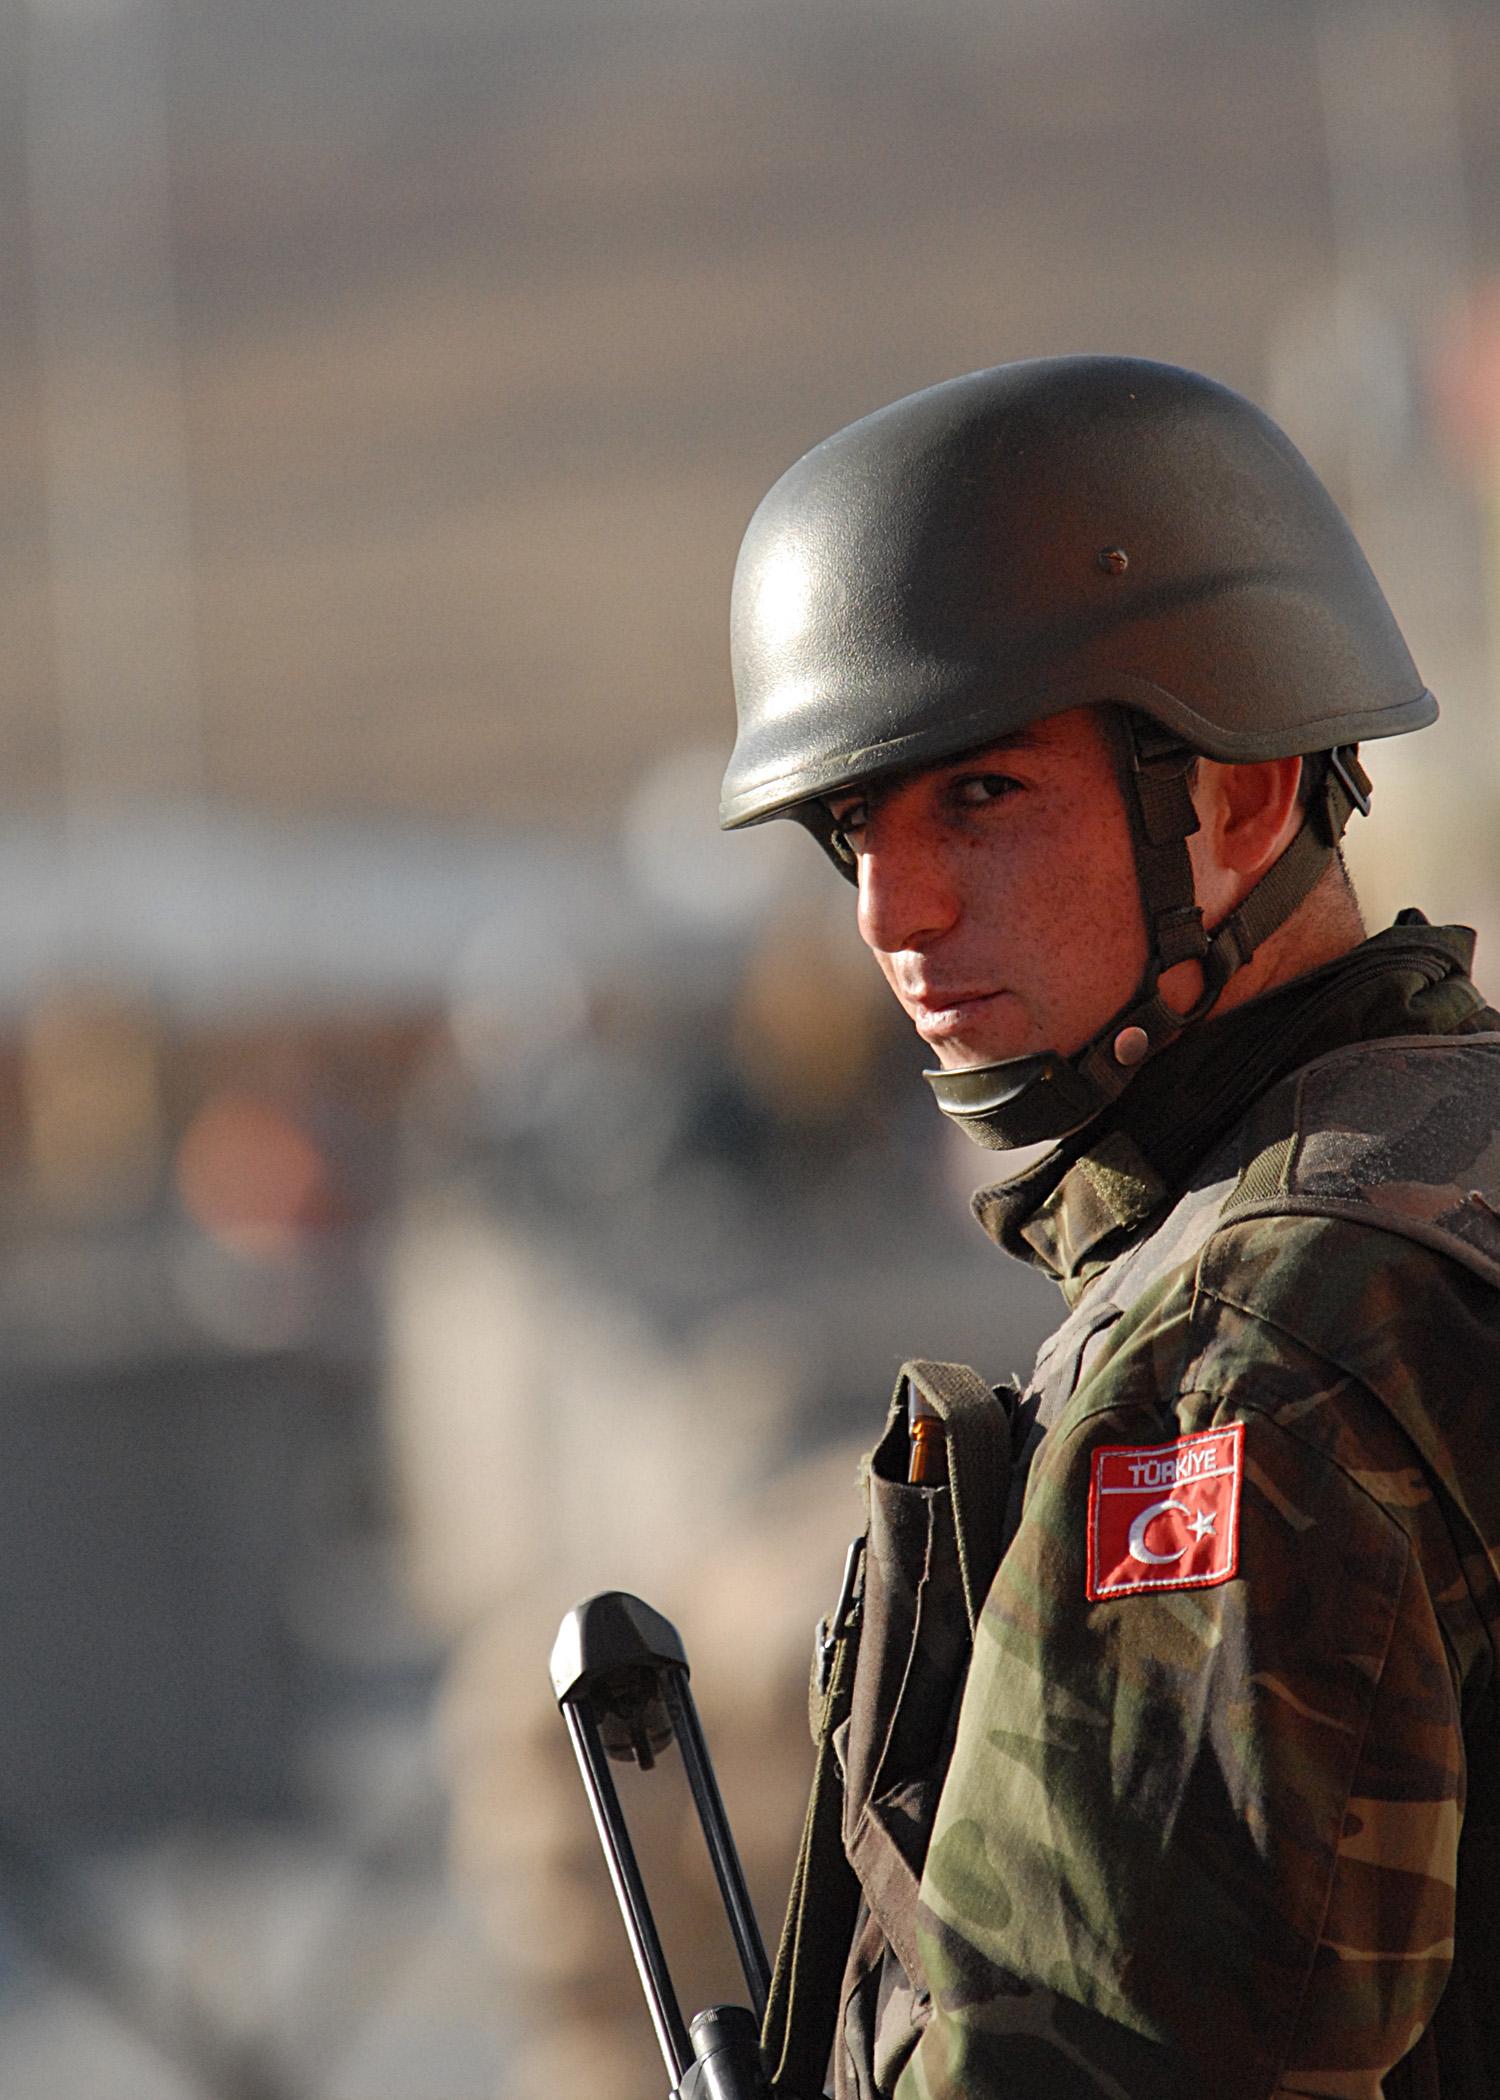 Turkish ISAF soldier